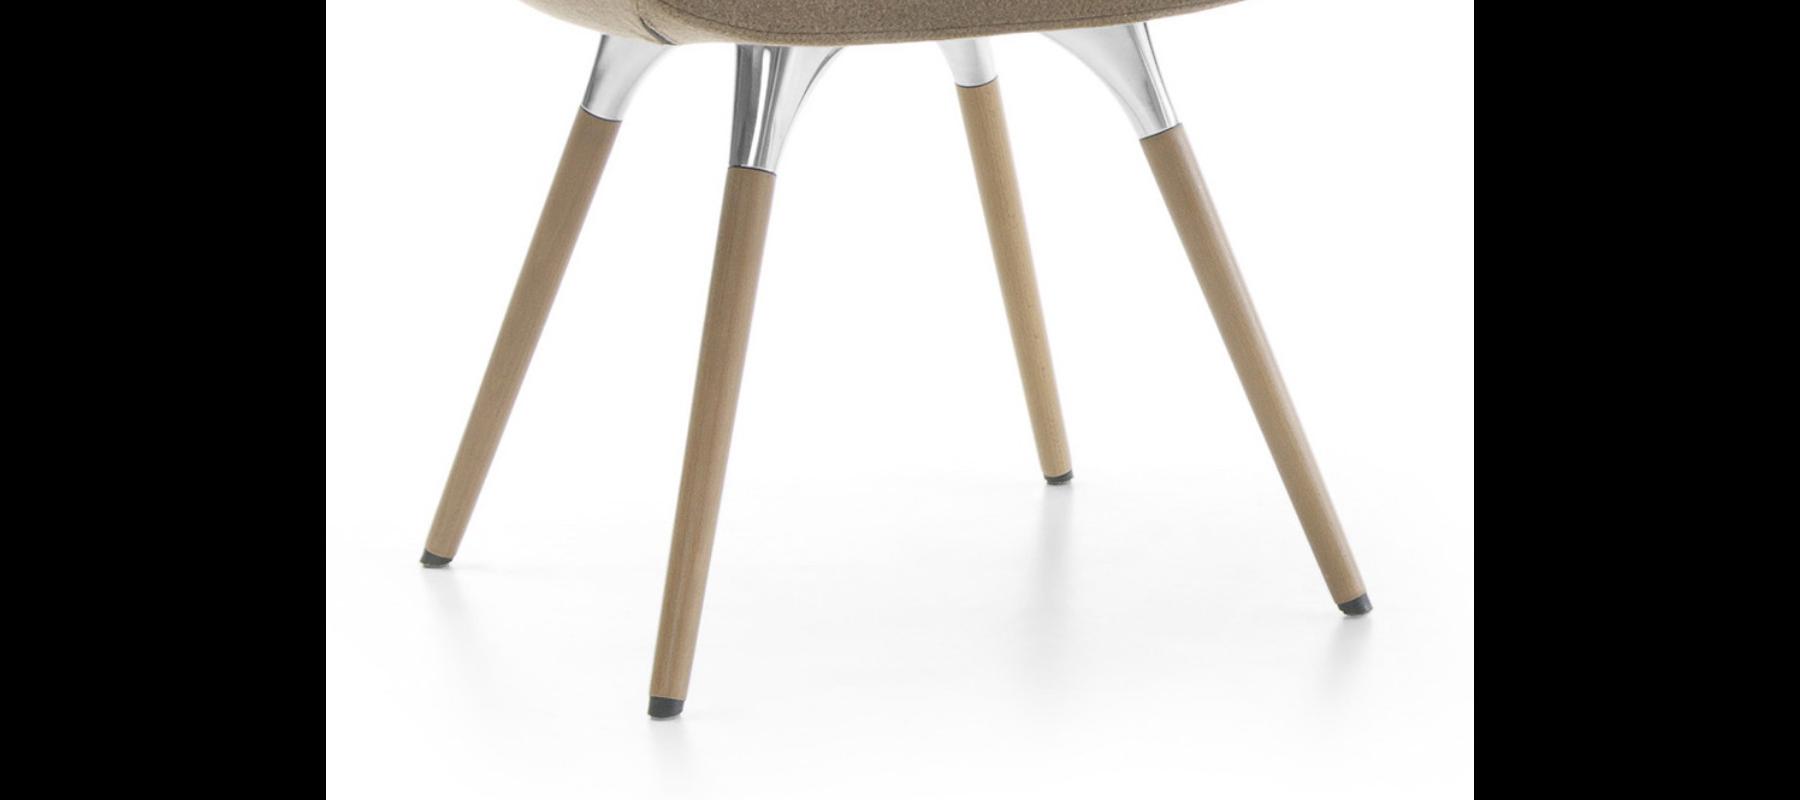 krzesla konferencyjne fan detale - 12